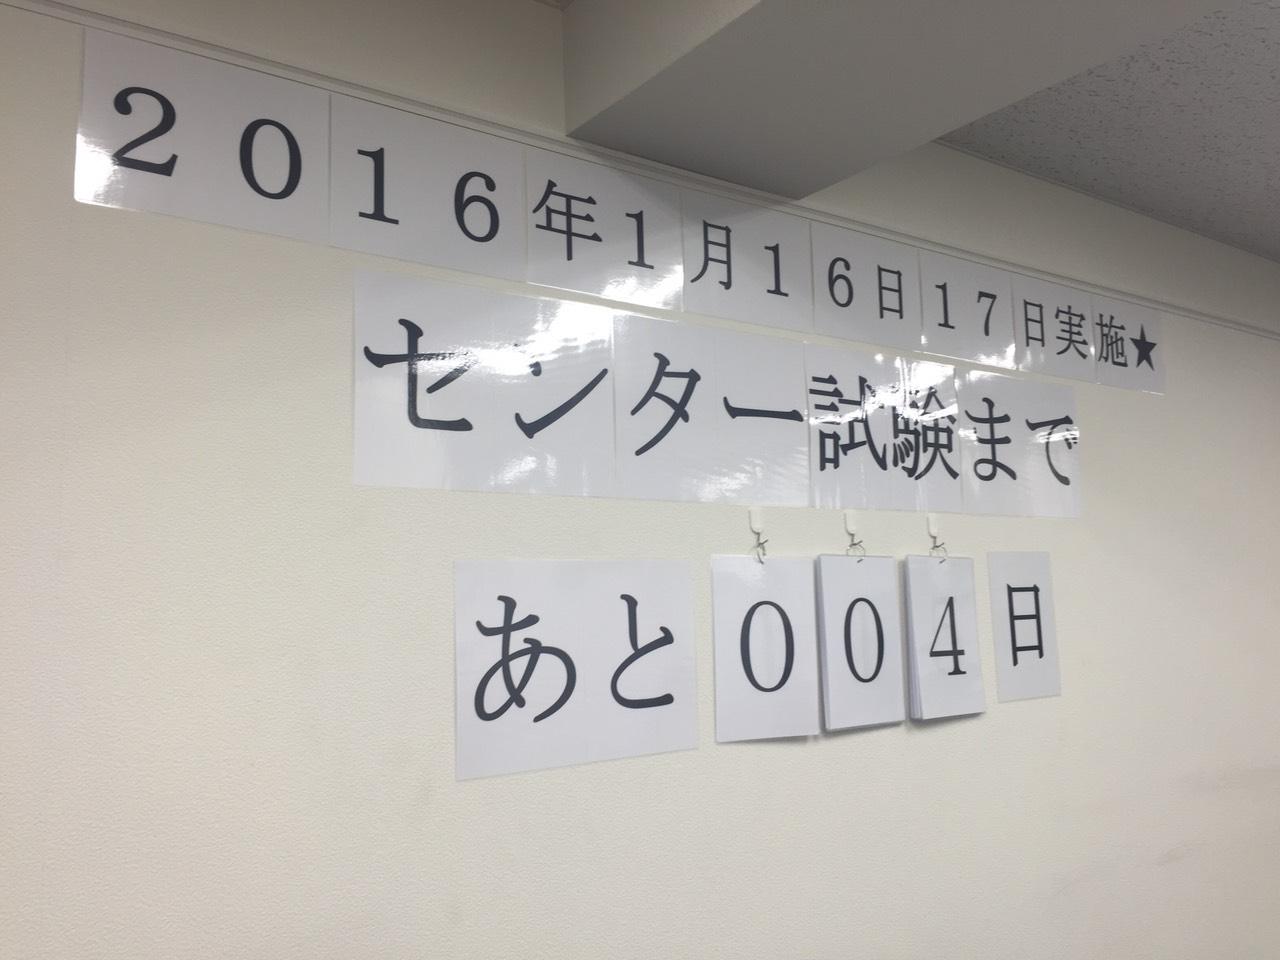 新年あけましておめでとうございます←これのどこがおかしいのかわかりますか!?